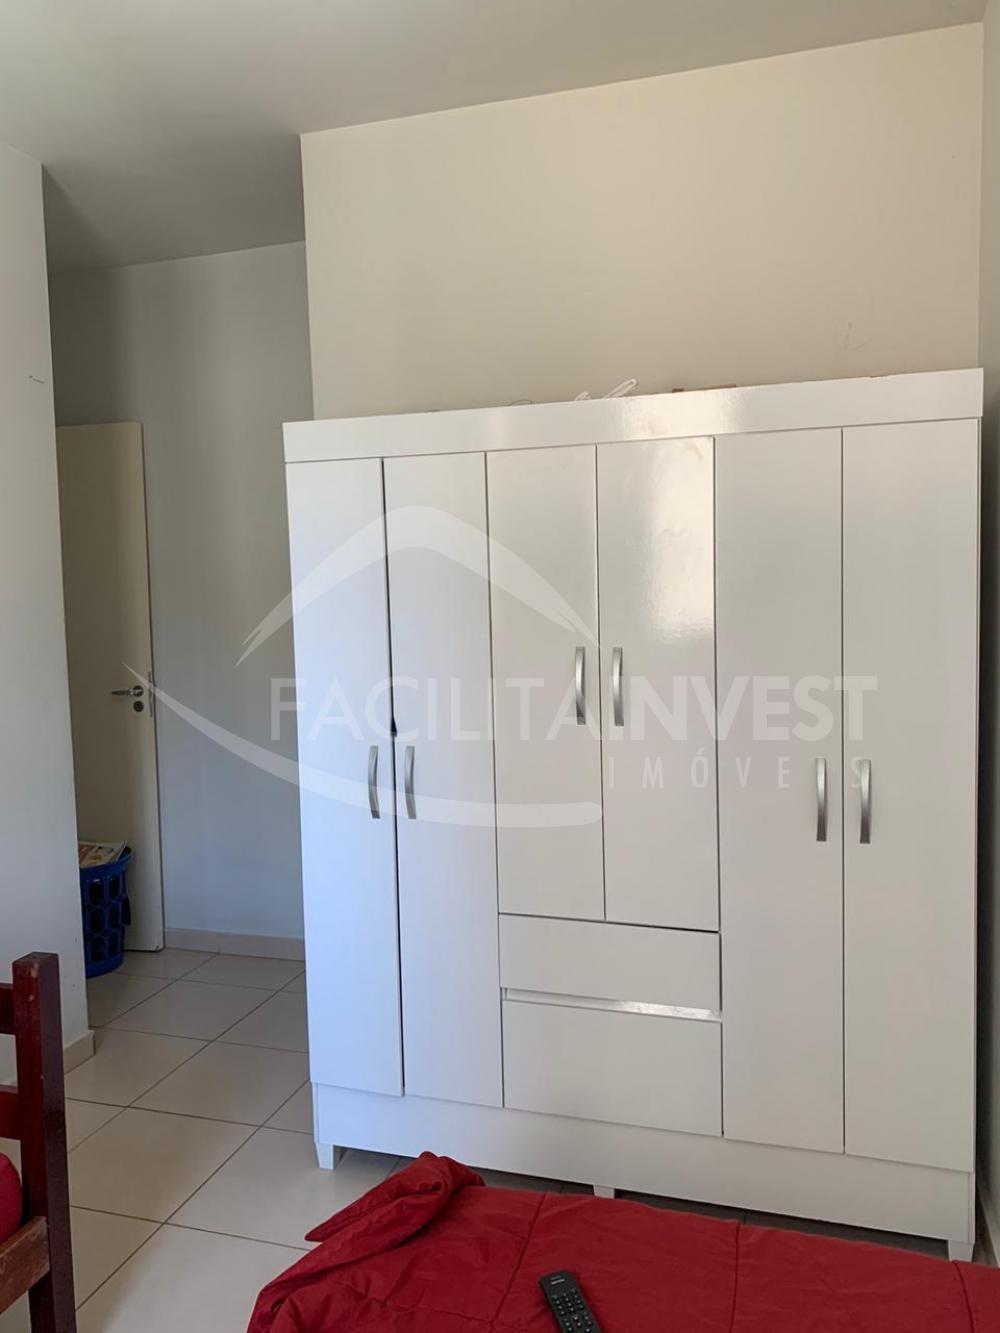 Comprar Apartamentos / Apart. Padrão em Ribeirão Preto apenas R$ 217.000,00 - Foto 8